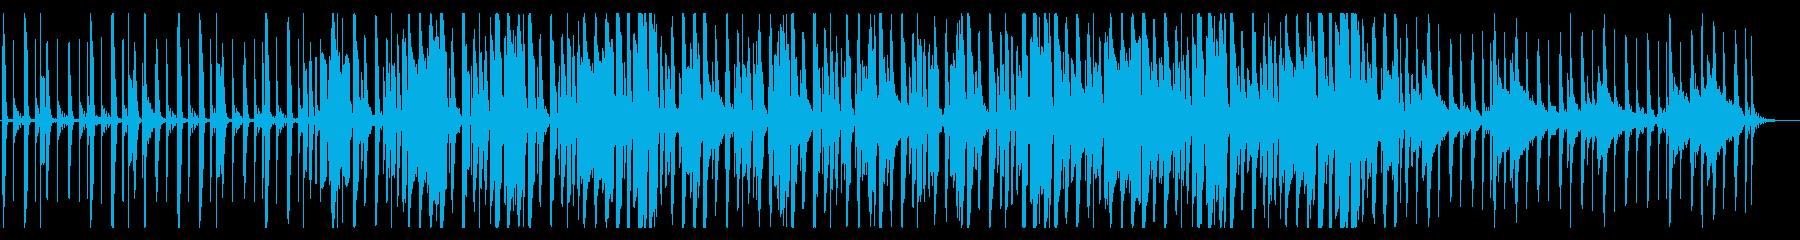 鍵盤ハーモニカが印象的な日常系BGMの再生済みの波形